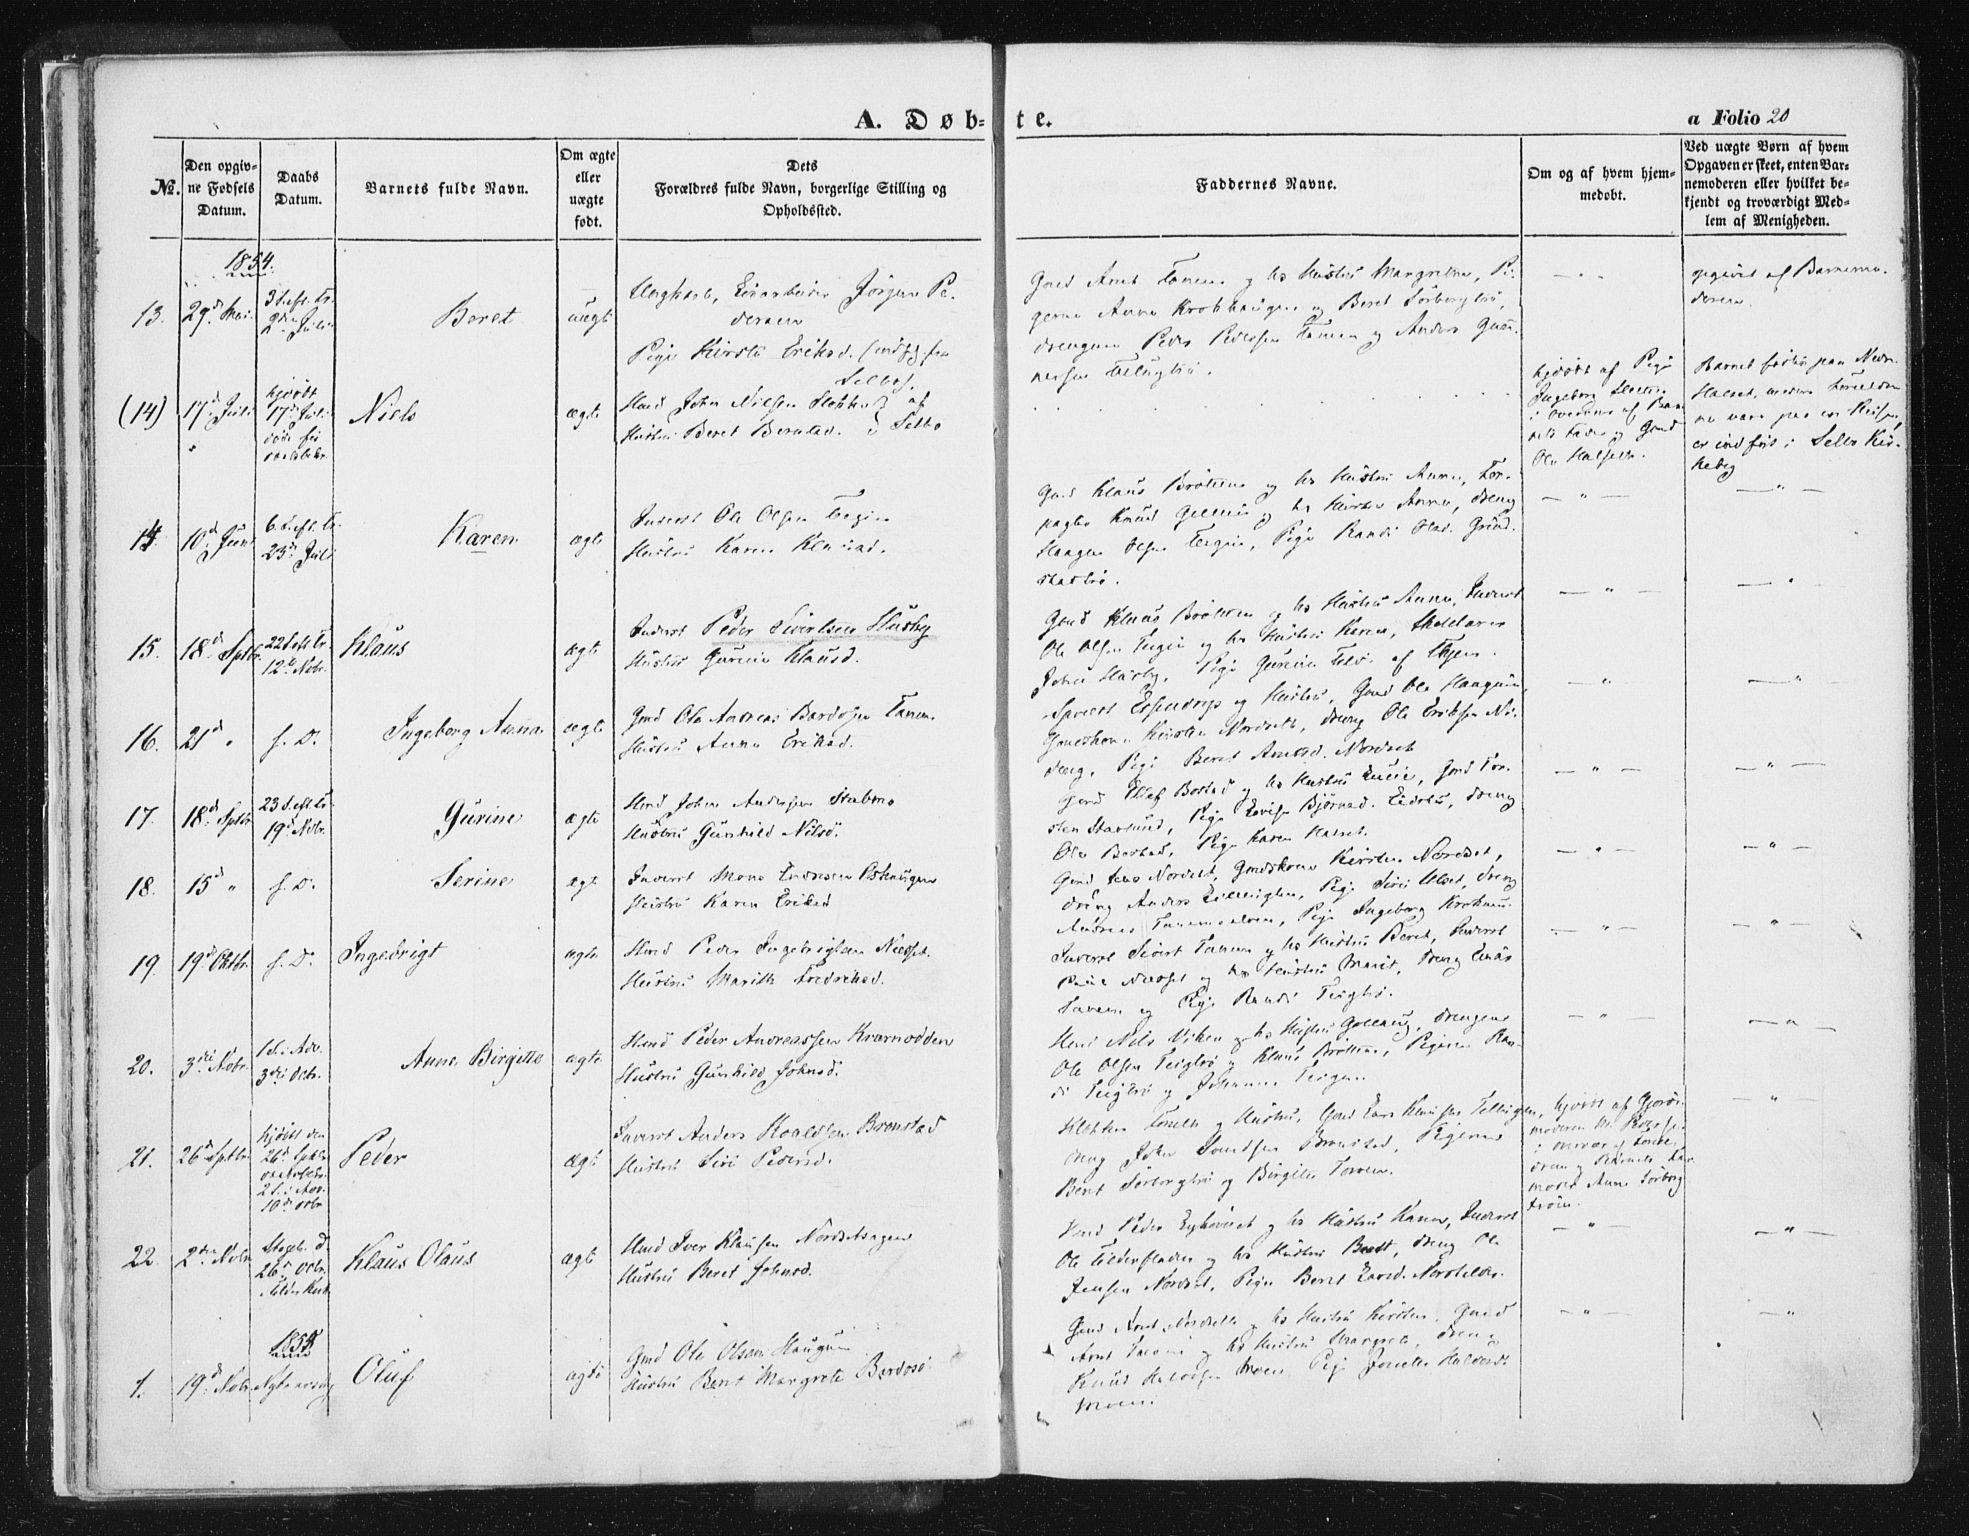 SAT, Ministerialprotokoller, klokkerbøker og fødselsregistre - Sør-Trøndelag, 618/L0441: Ministerialbok nr. 618A05, 1843-1862, s. 20